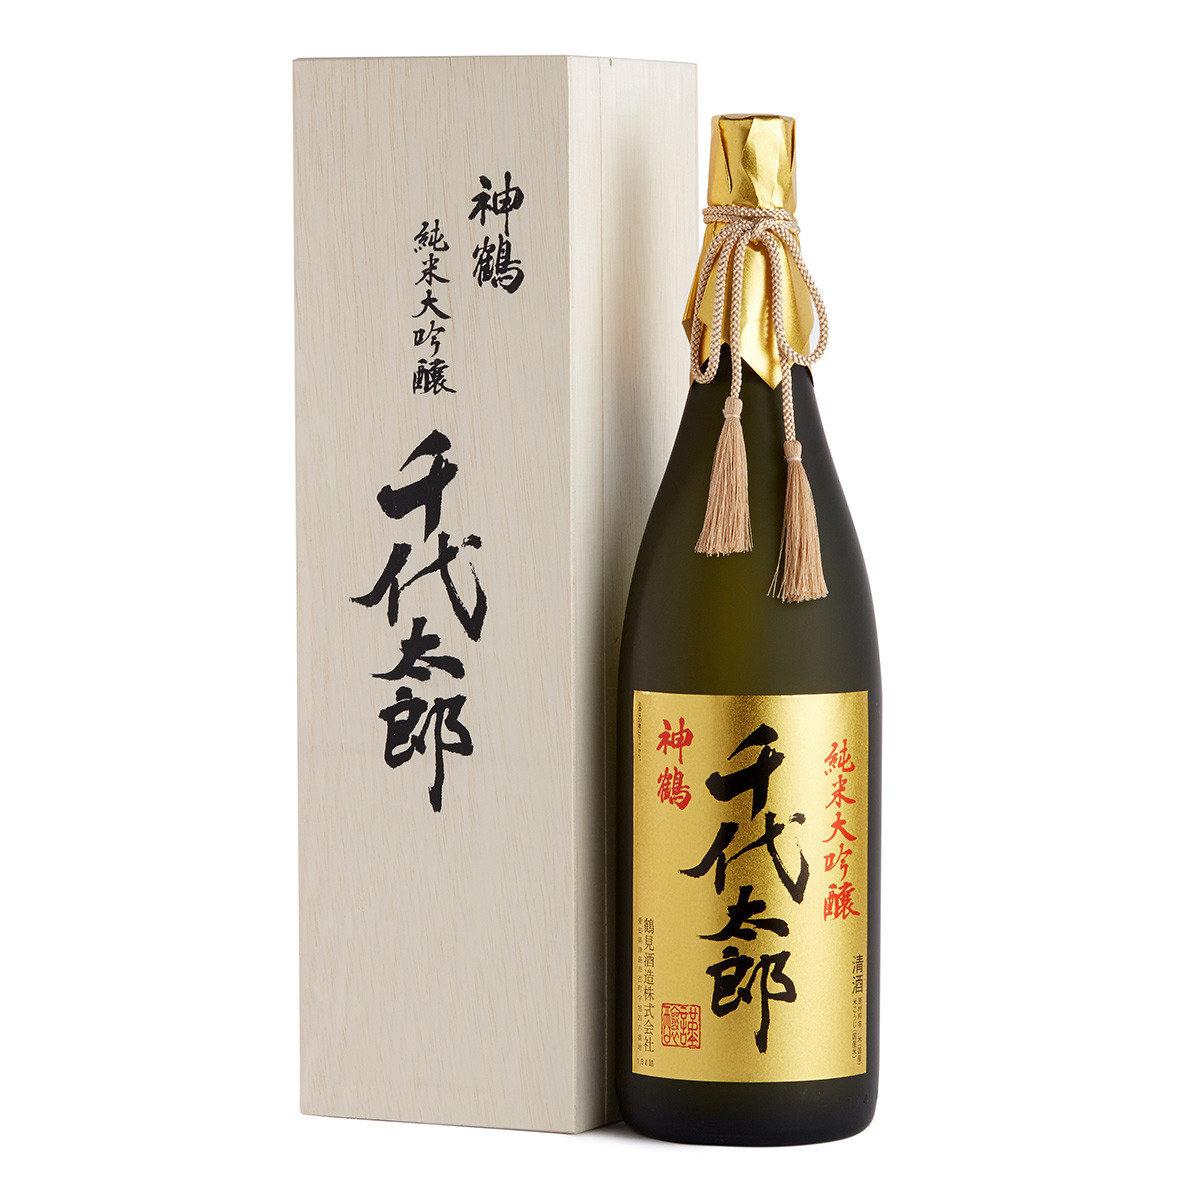 神鶴-純米大吟釀千代太郎 (日本直送)